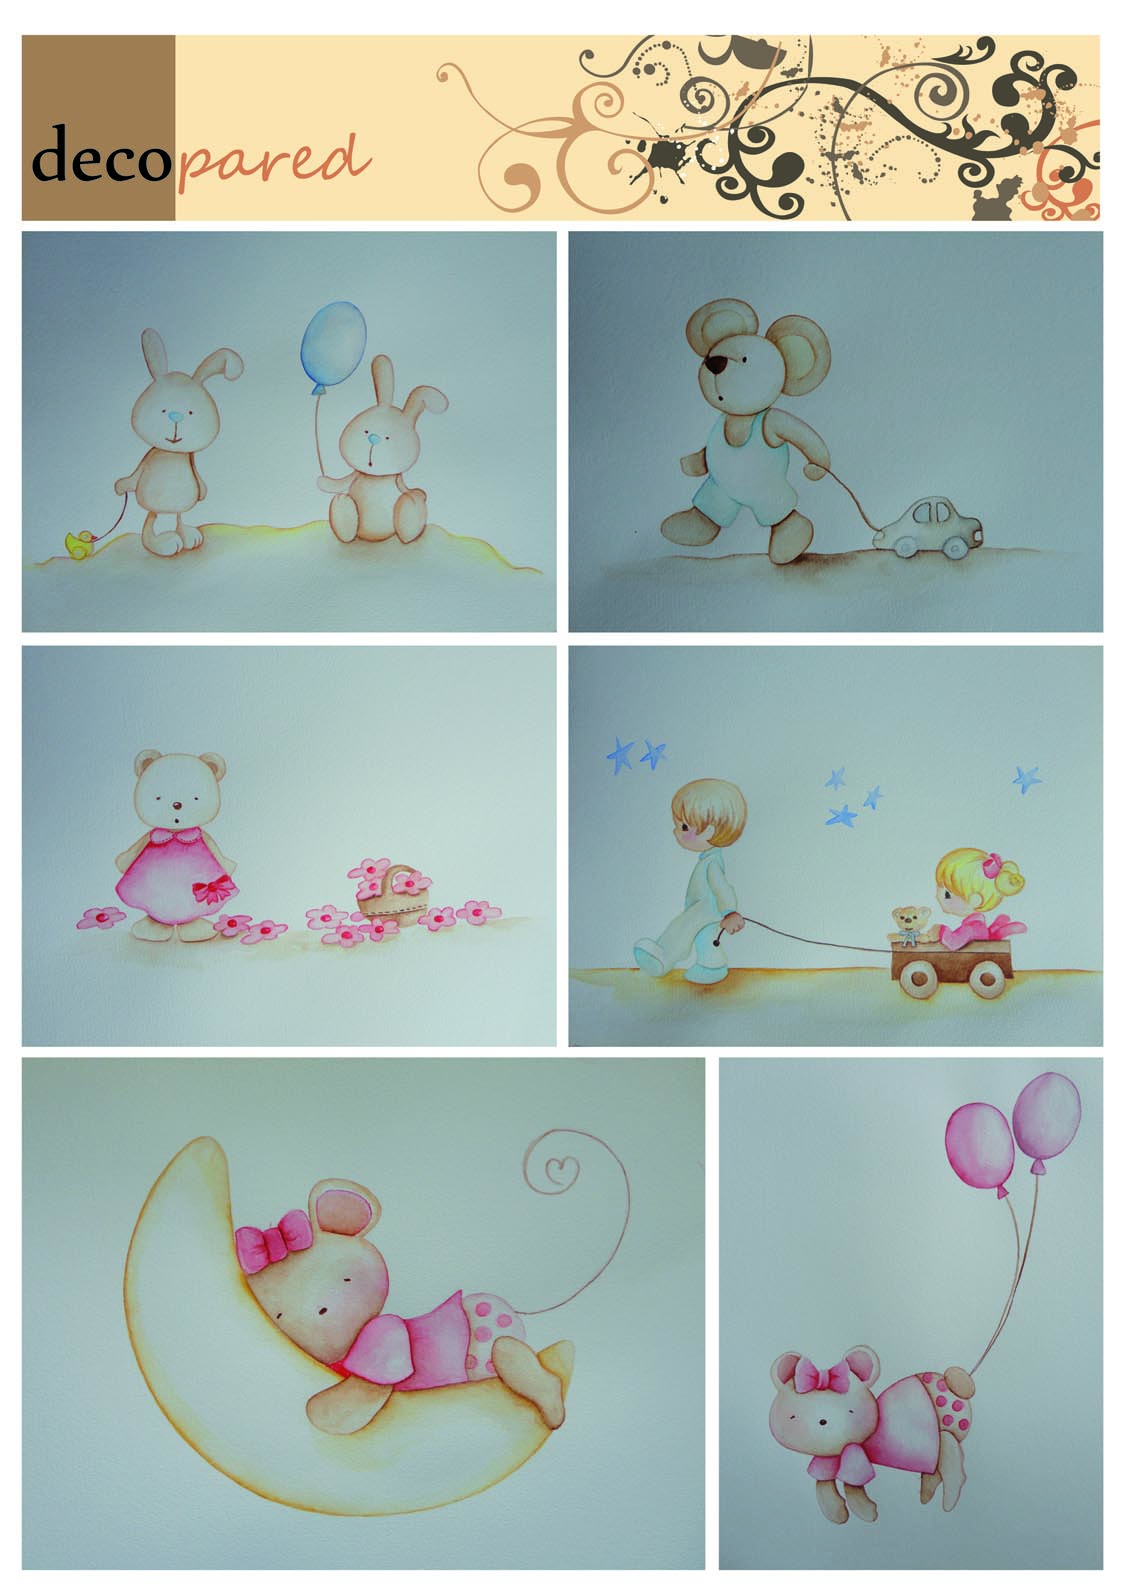 Decopared murales infantiles de ositos y conejitos - Murales infantiles pintados a mano ...